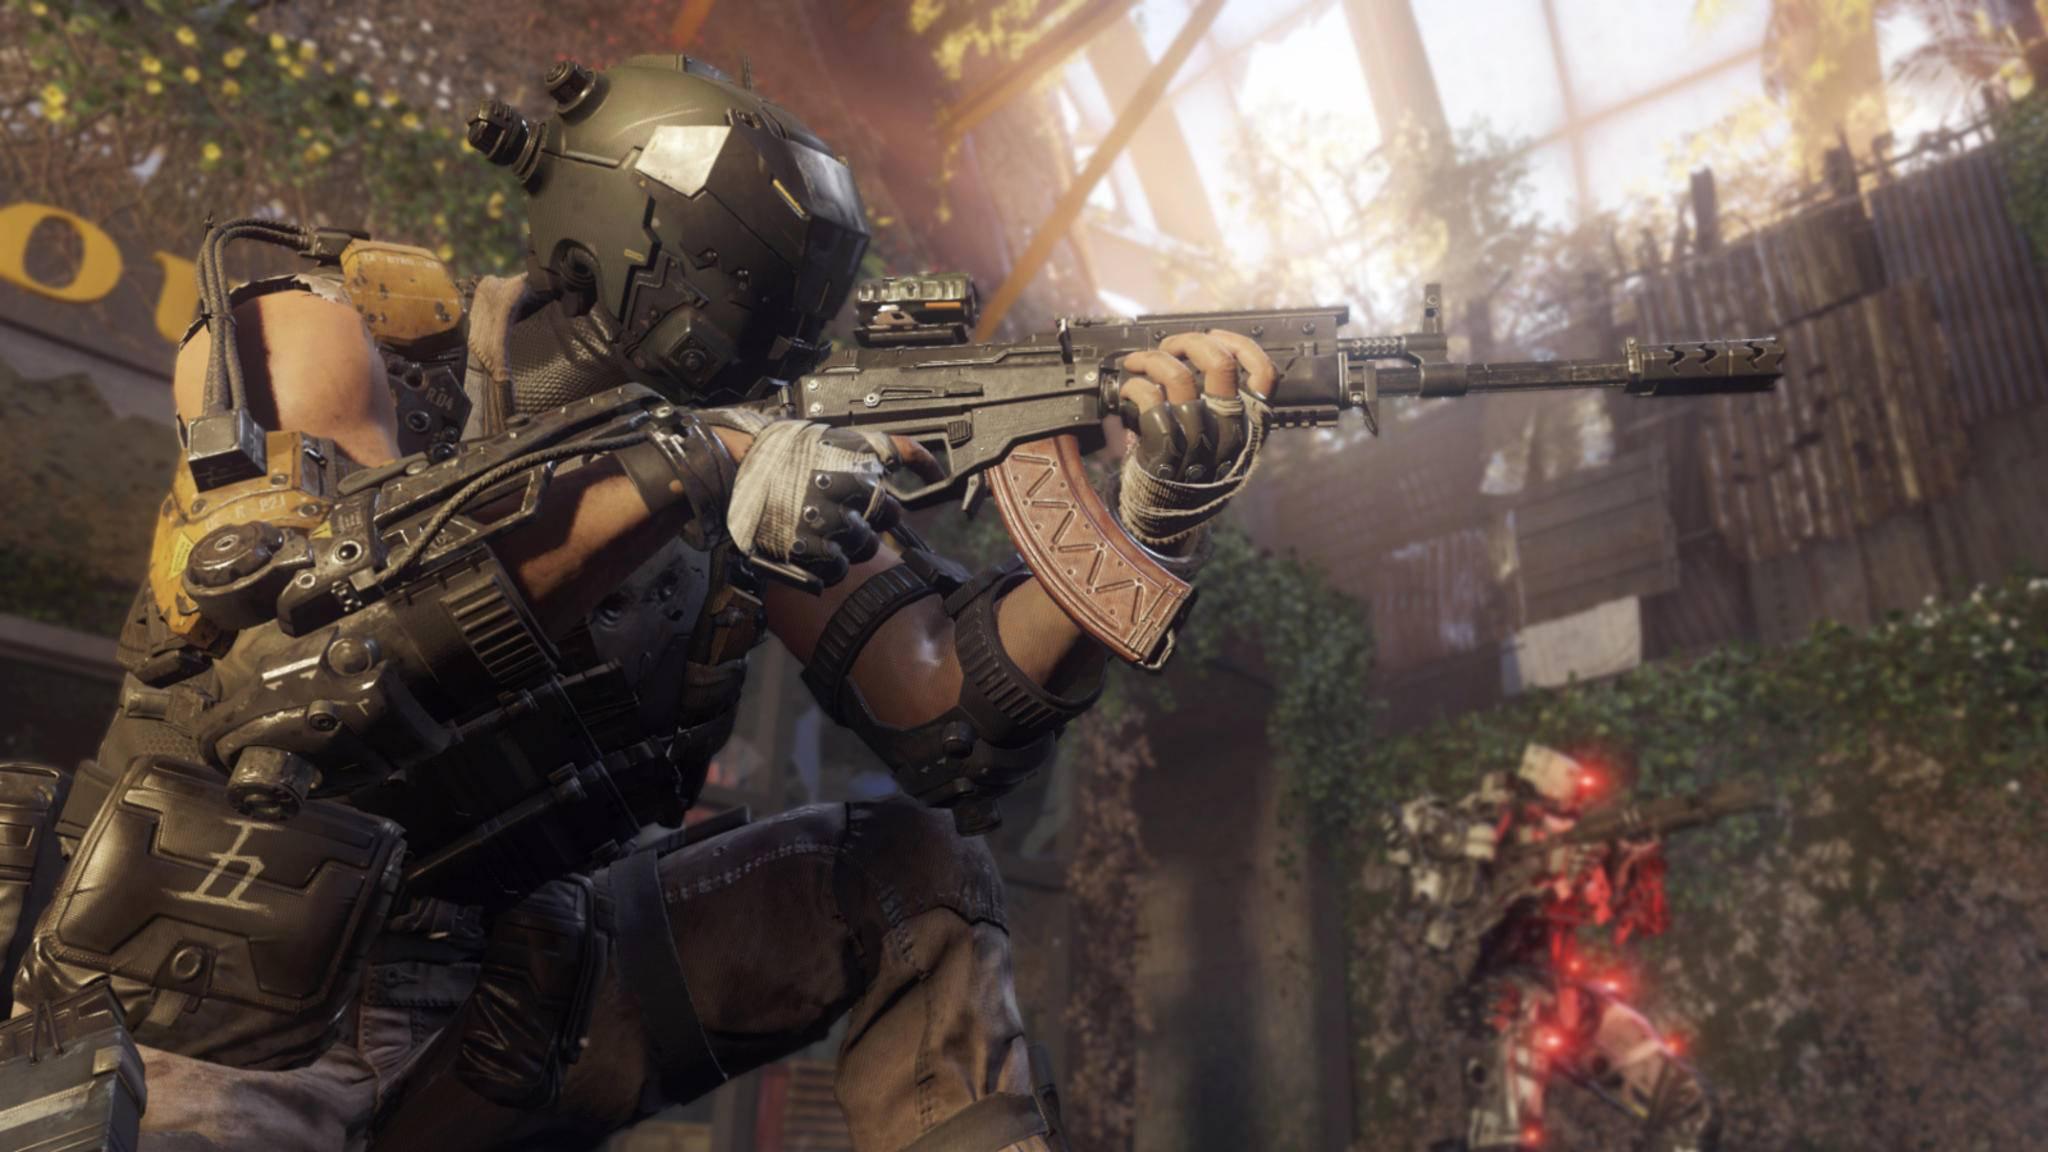 """An ungewöhnlicher Stelle ist ein neuer Hinweis auf """"Call of Duty: Black Ops 4"""" aufgetaucht."""